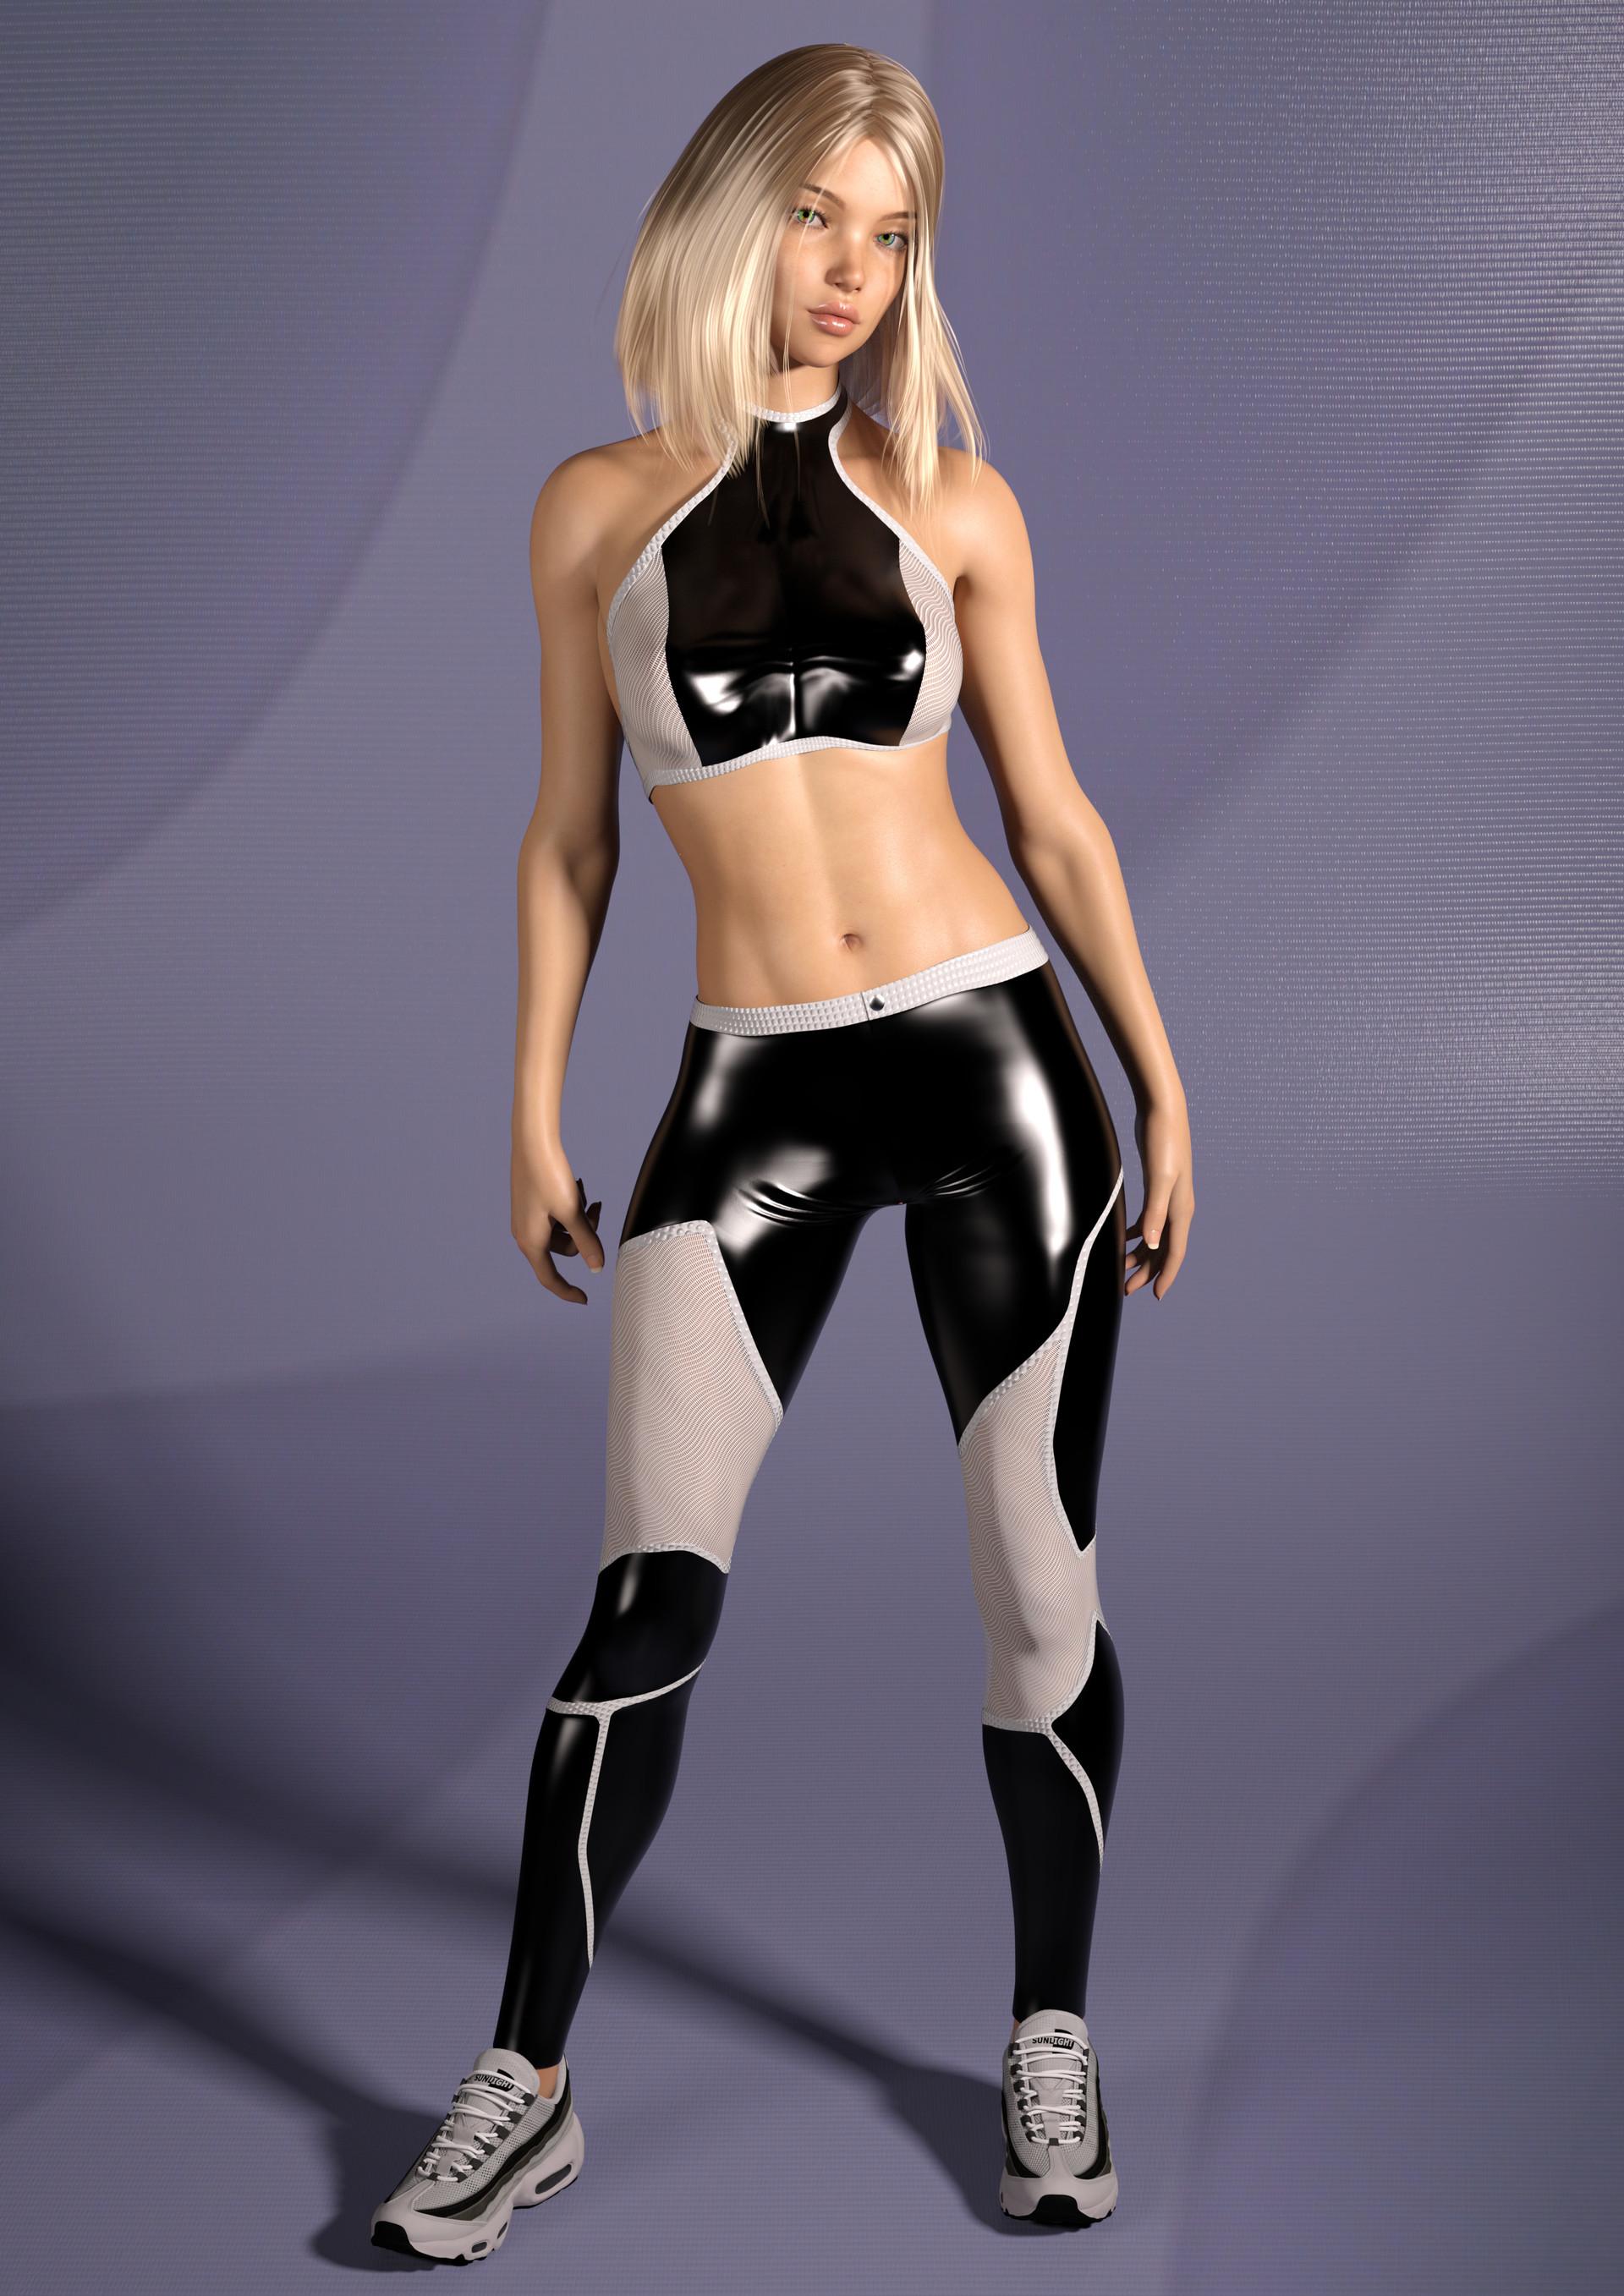 Fleet - she's a speedster and wears running gear a lot.